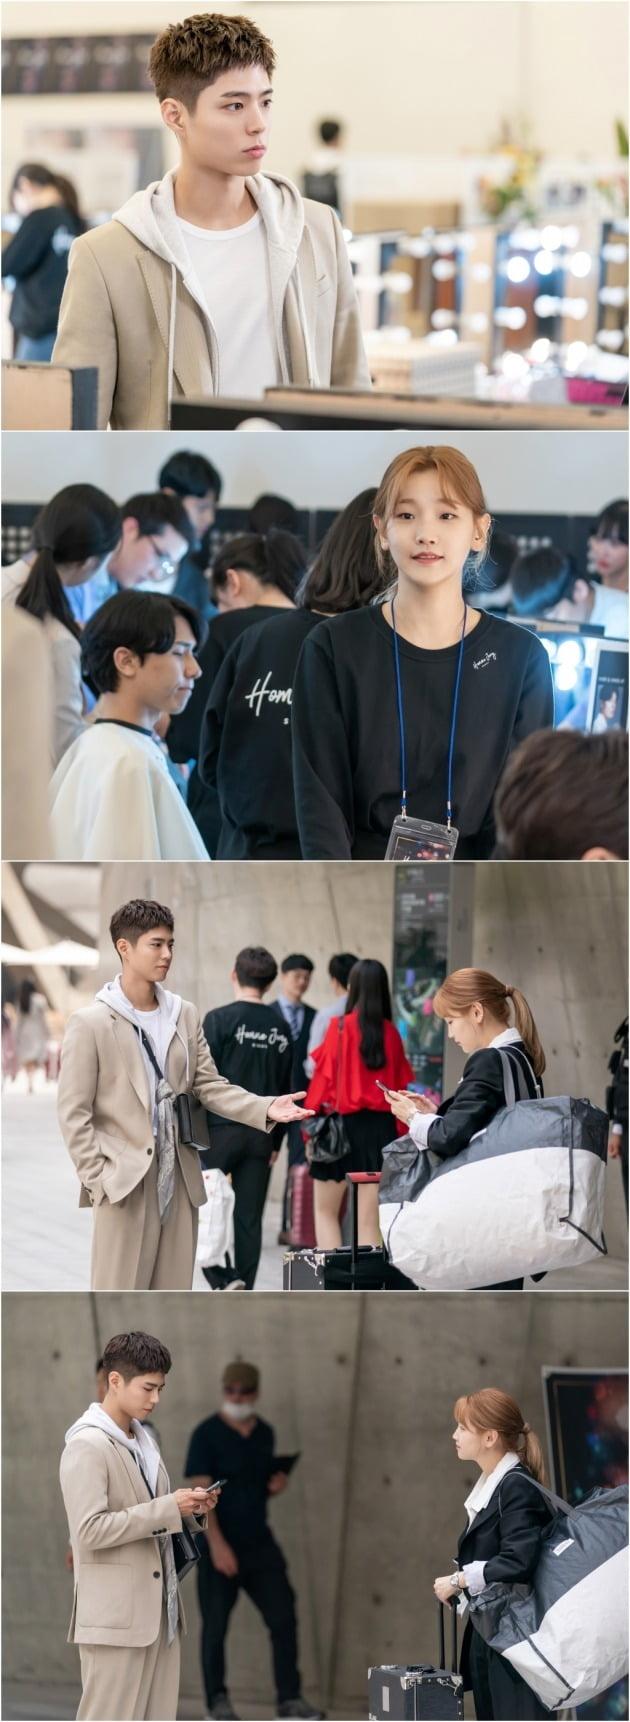 '청춘기록' 박보검, 박소담의 첫 만남 현장이 공개됐다. / 사진제공=tvN